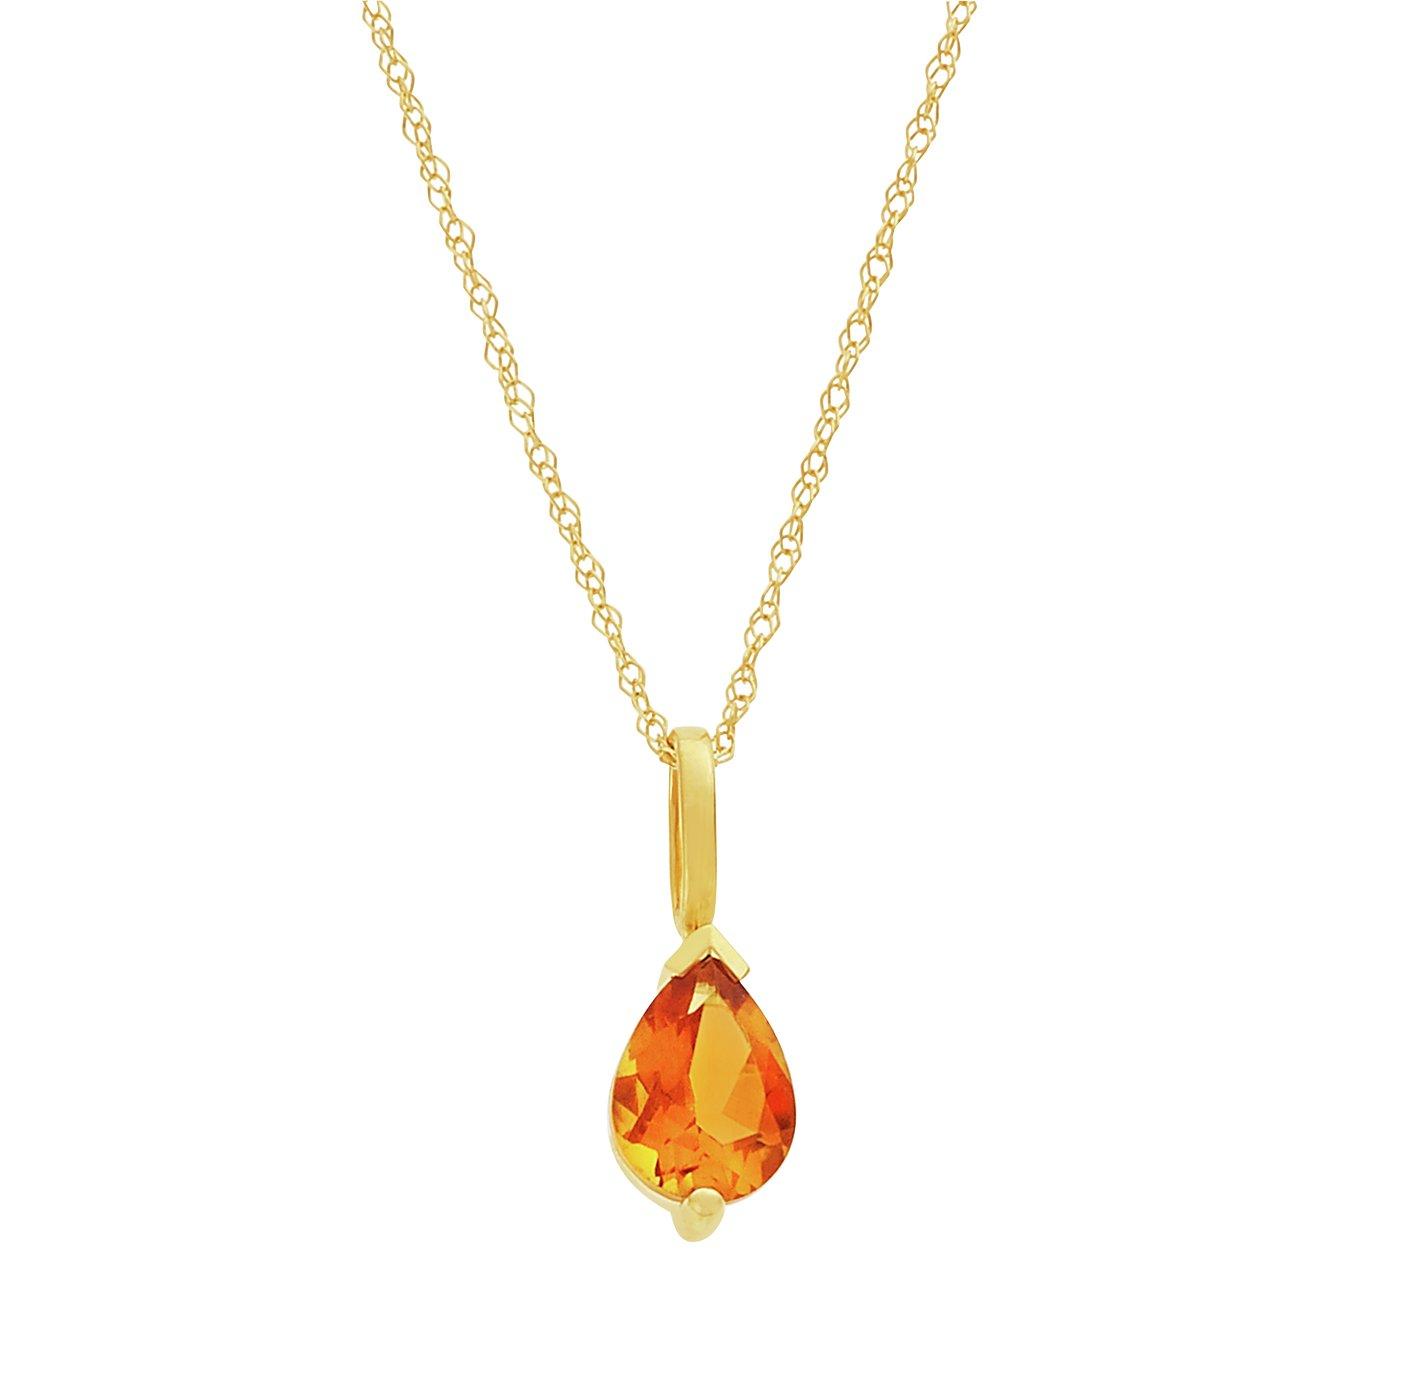 Revere 9ct Gold Pear Shape Pendant Necklace